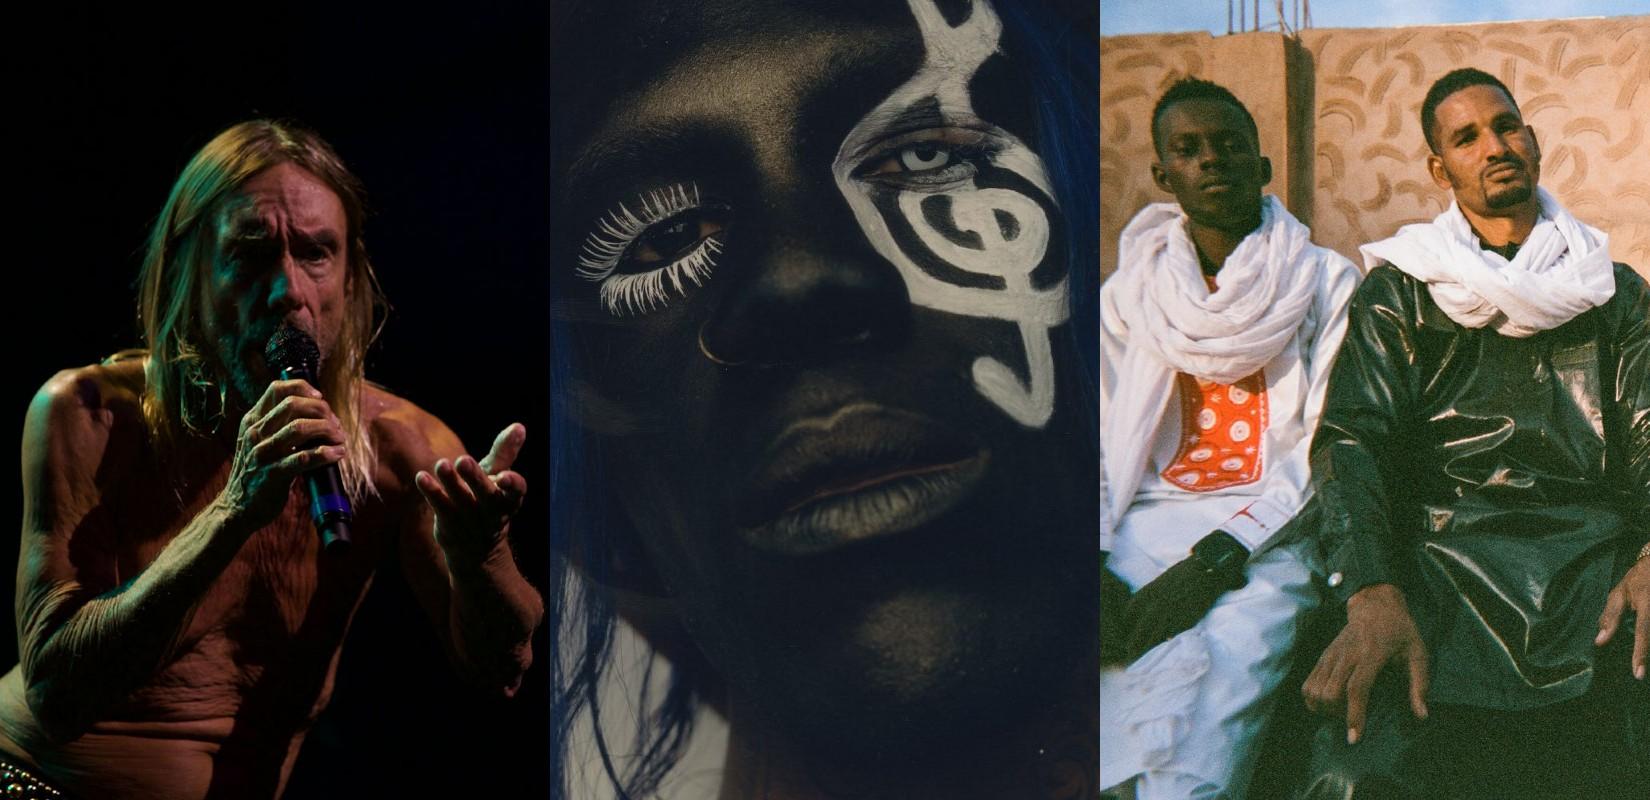 OFF Festival ogłasza na2022: Iggy Pop, Yves Tumor iwiele, wiele super nazw